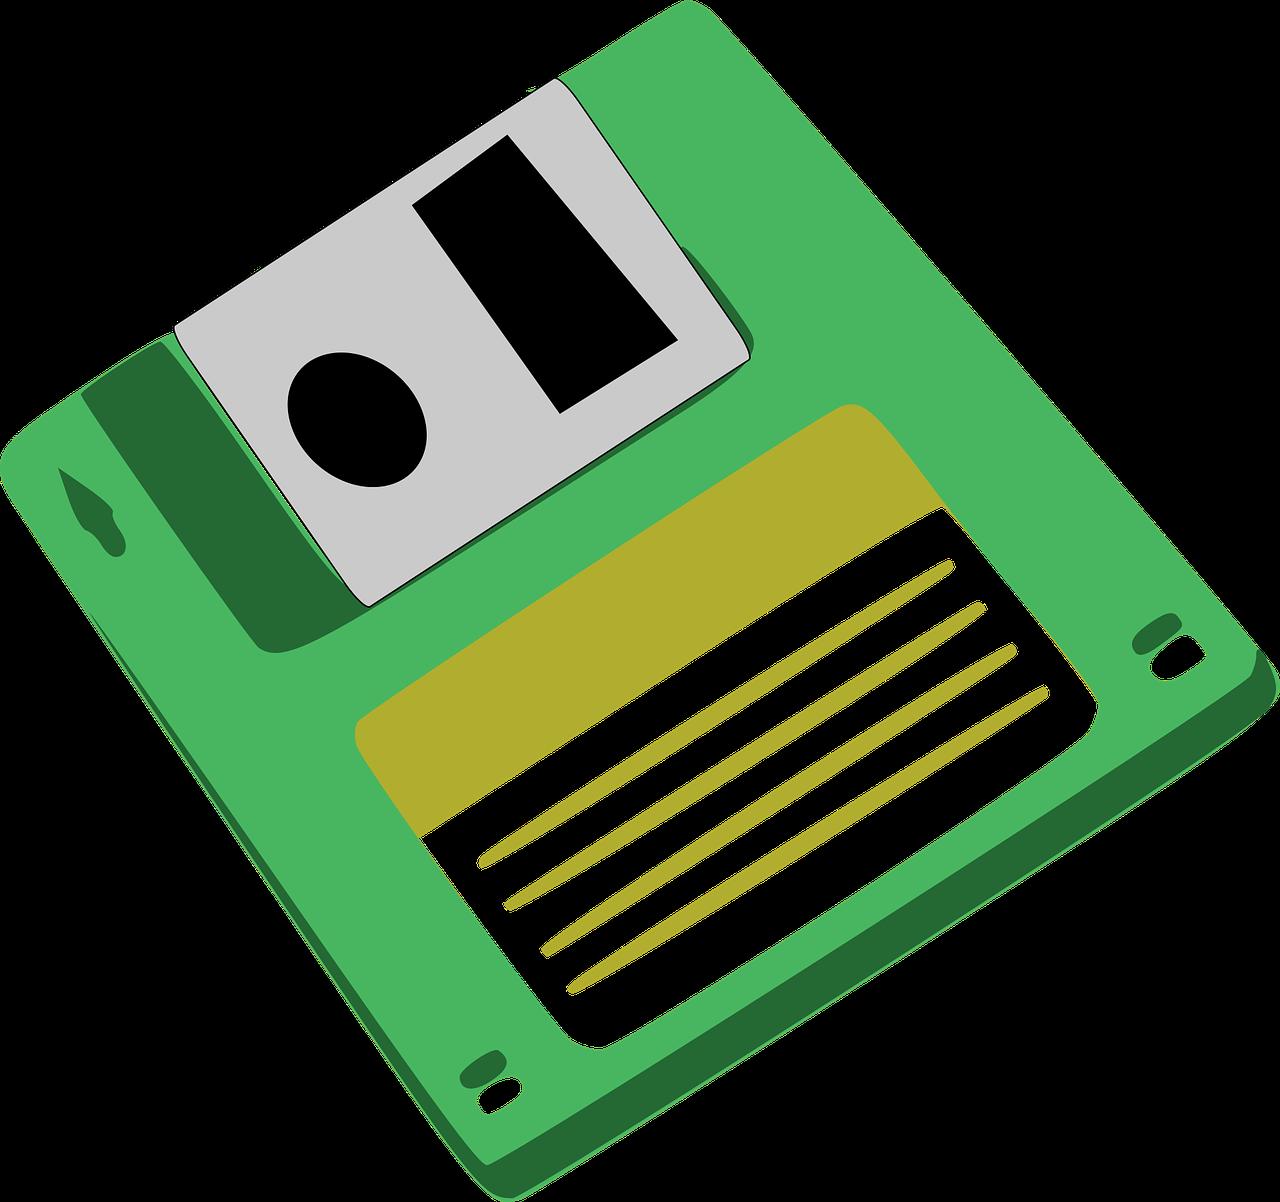 Дискета — википедия